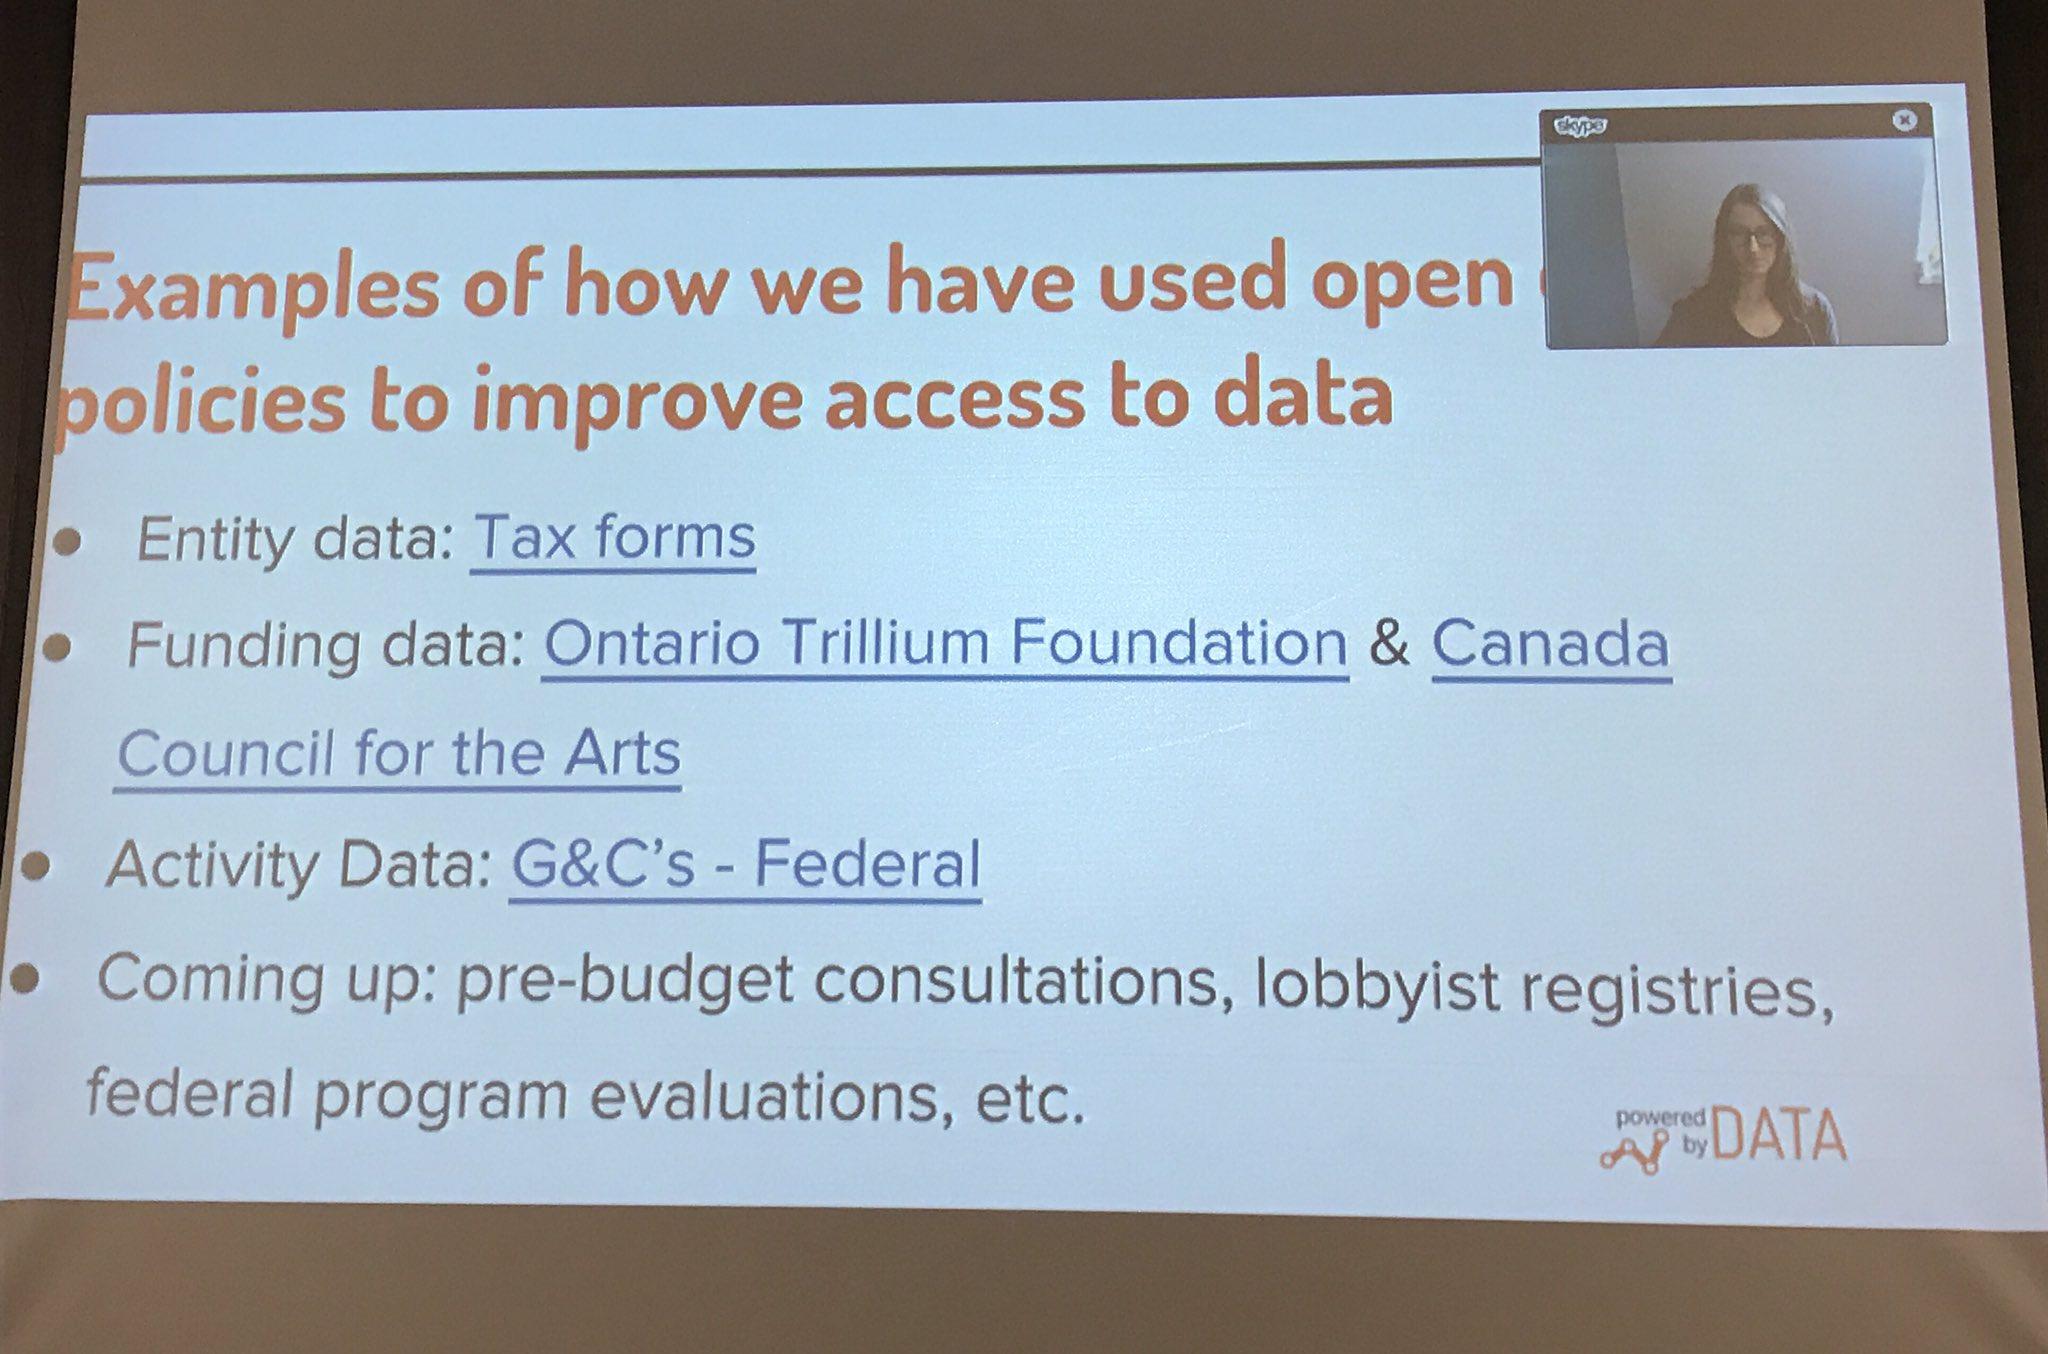 @CanadaCouncil Canada Council, a leader in open data https://t.co/vPQus6e7Zl